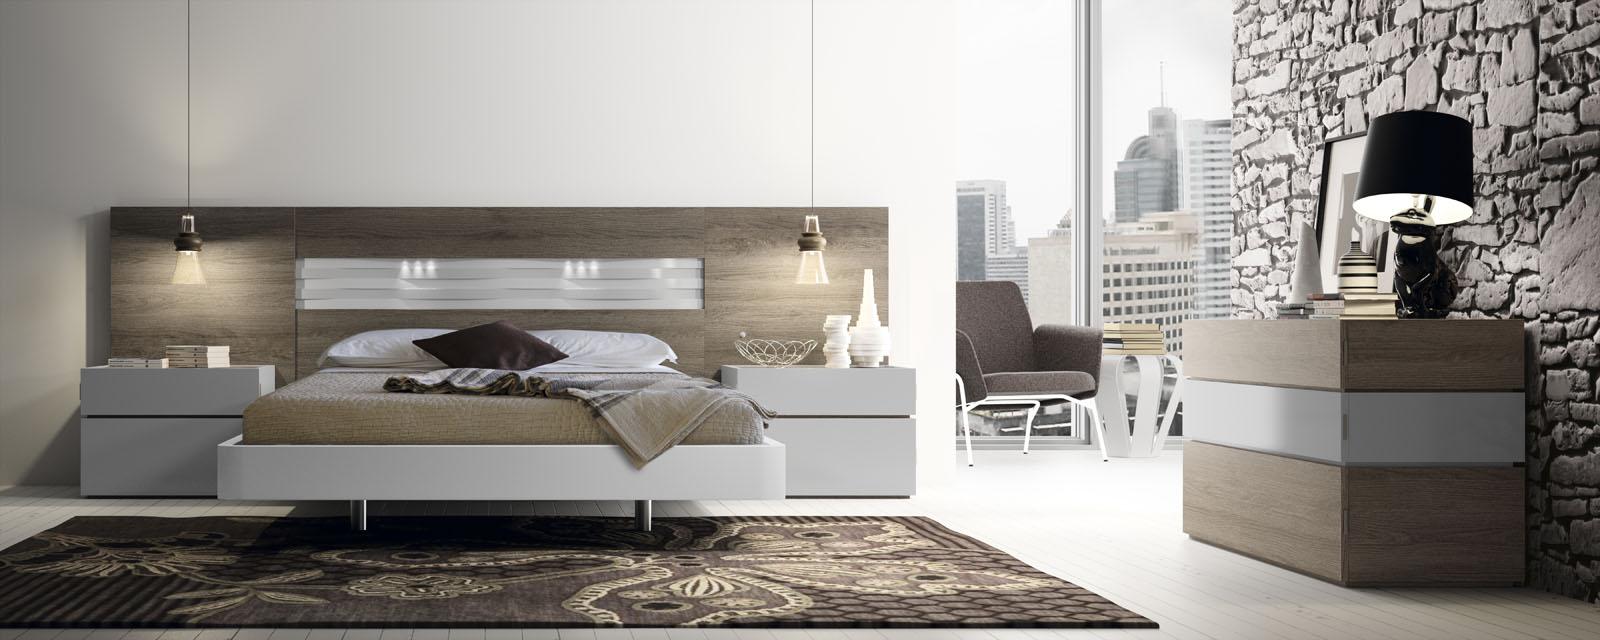 Miegamojo-baldai-dvigules-lovos-160x200-140x200